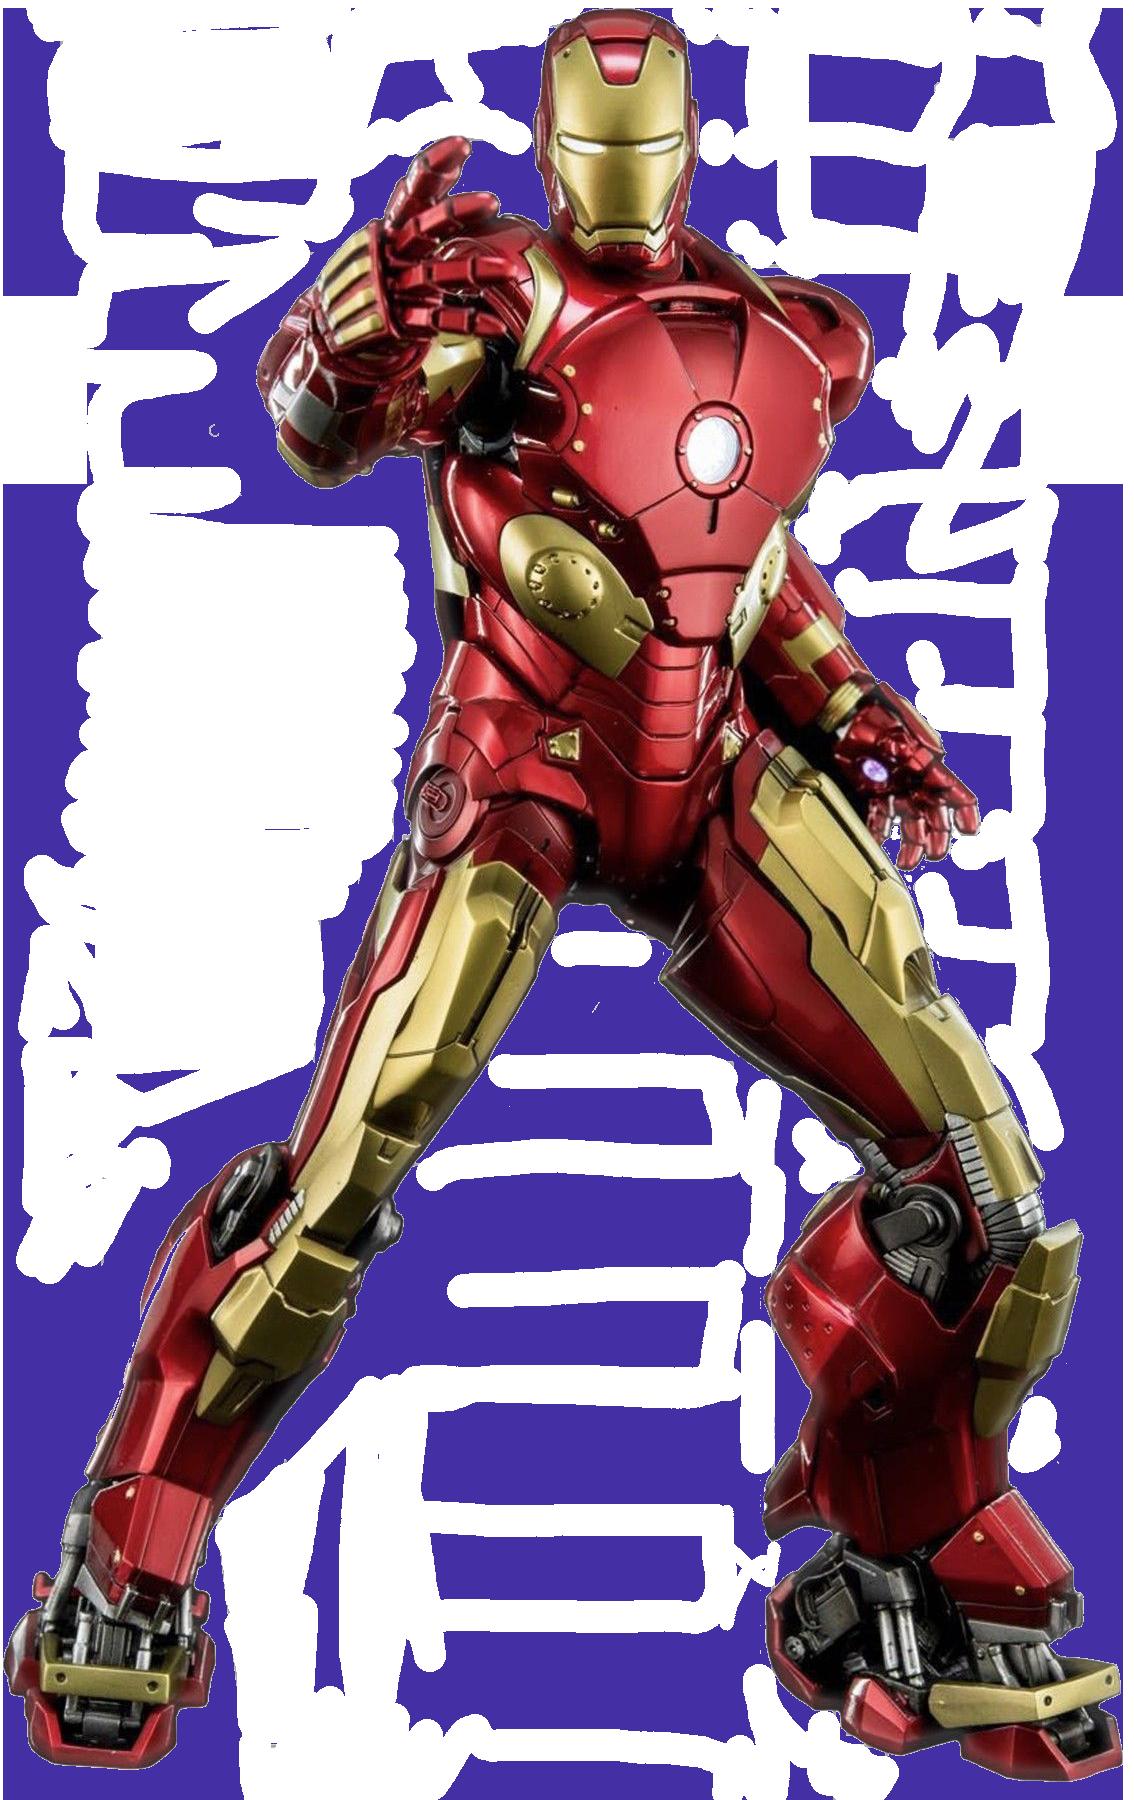 Ironmanmarkx